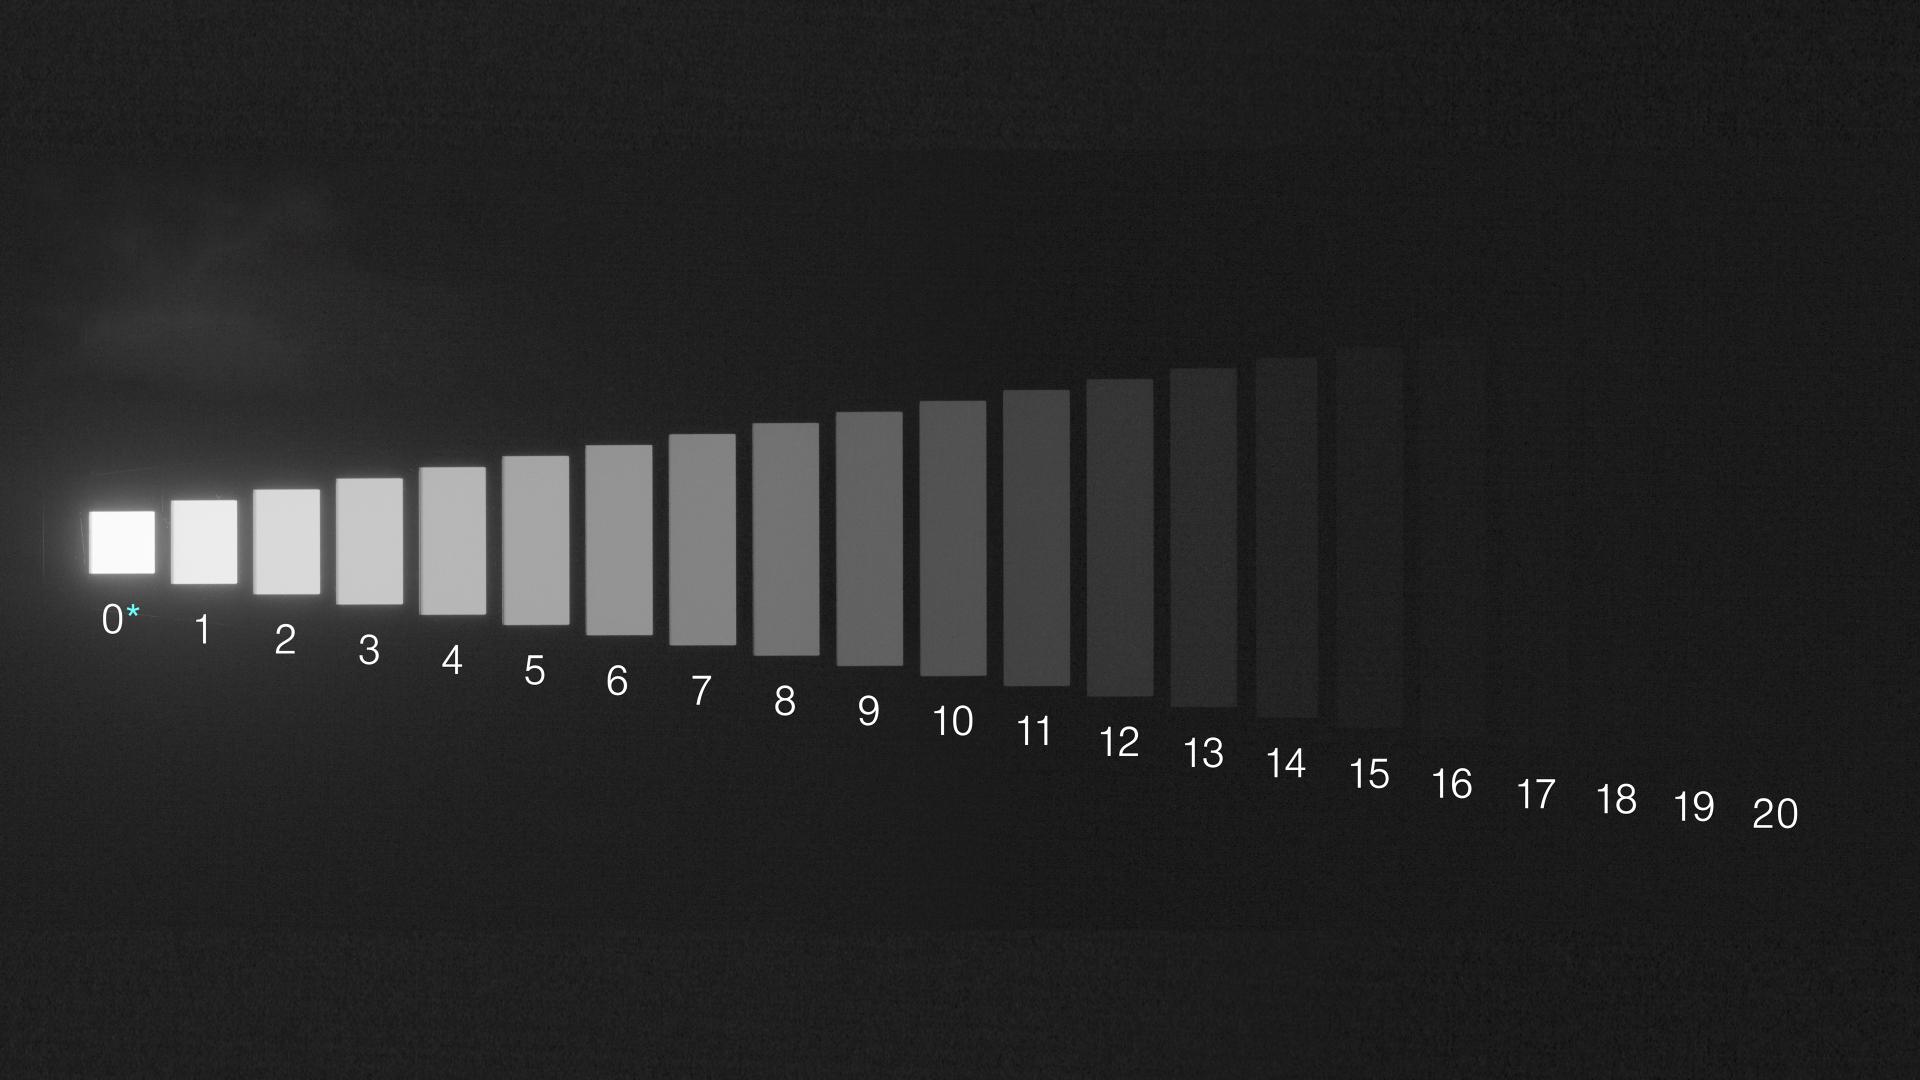 مصطلح الداينامك رينج – dynamic range ماذا يعني ؟